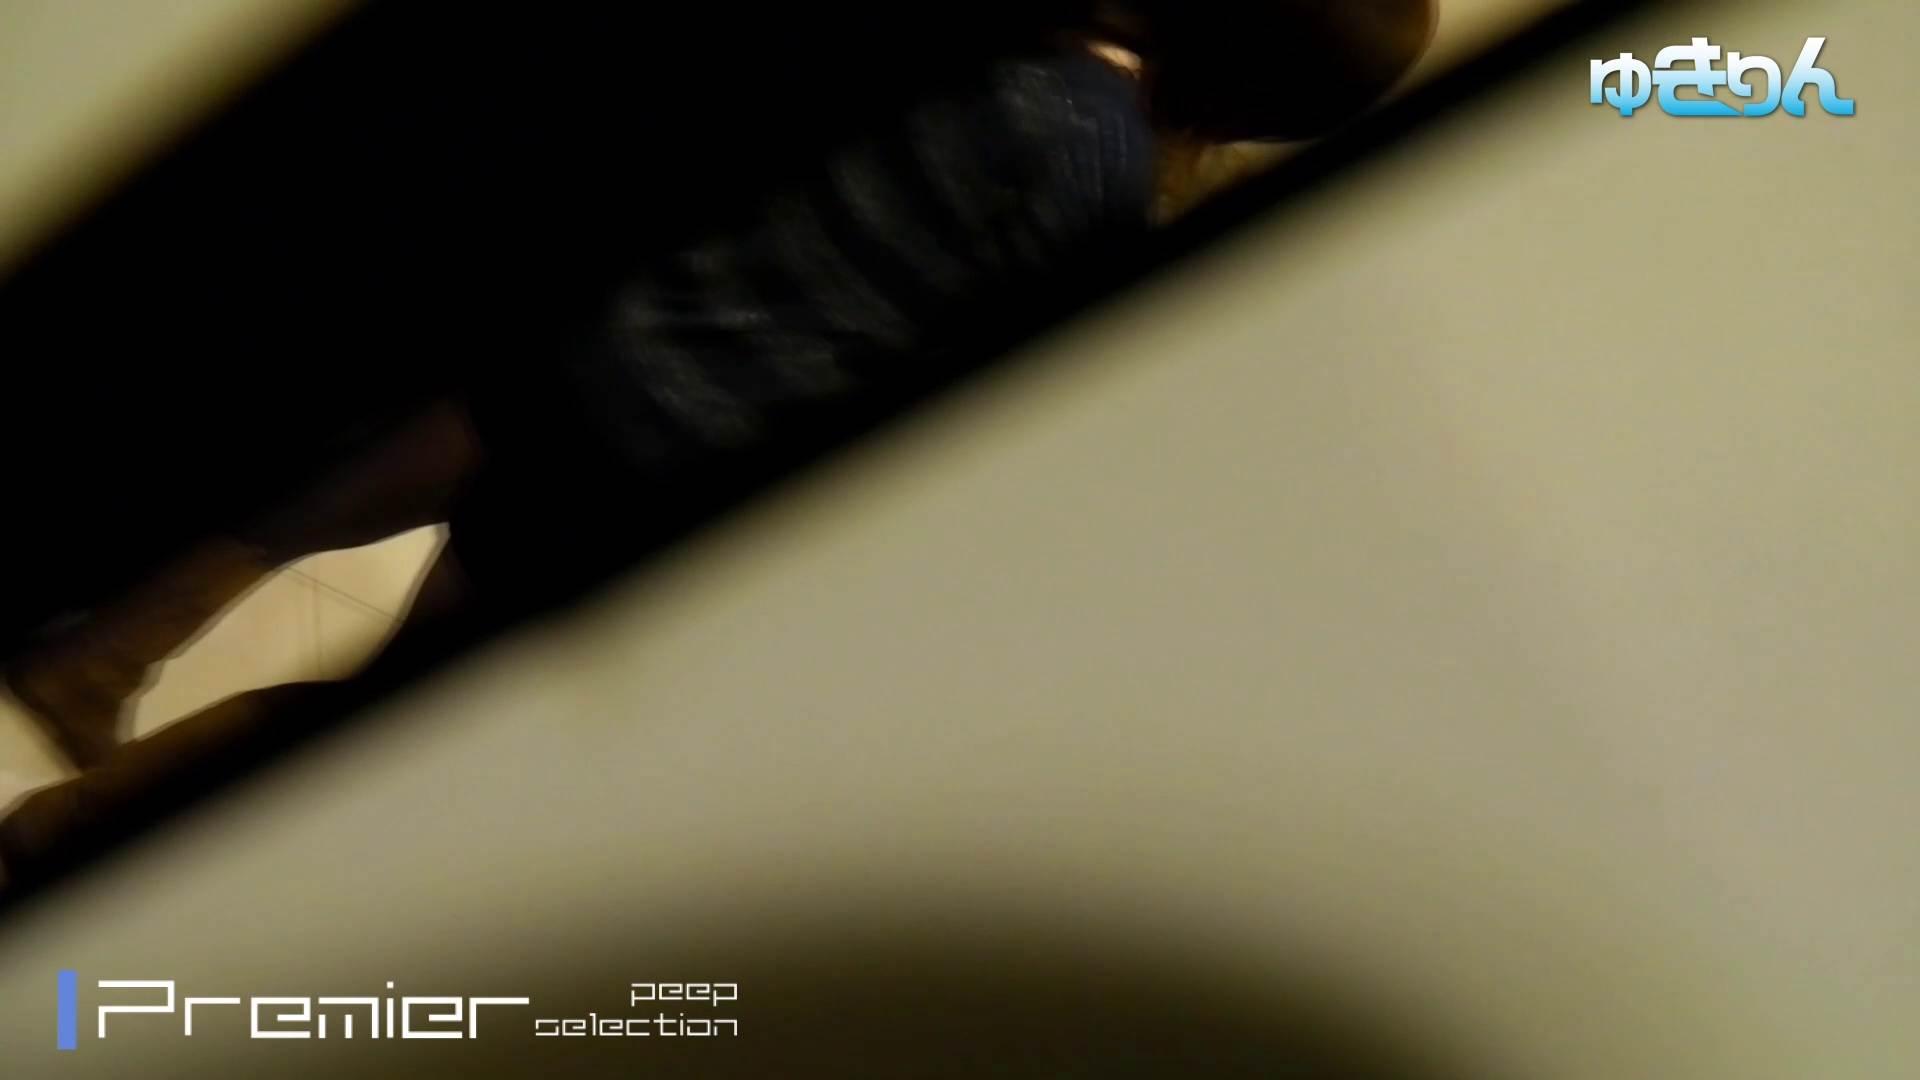 新世界の射窓 No100 祝 記念版!異次元な明るさと技術 無料動画 美肌  72PIX 20